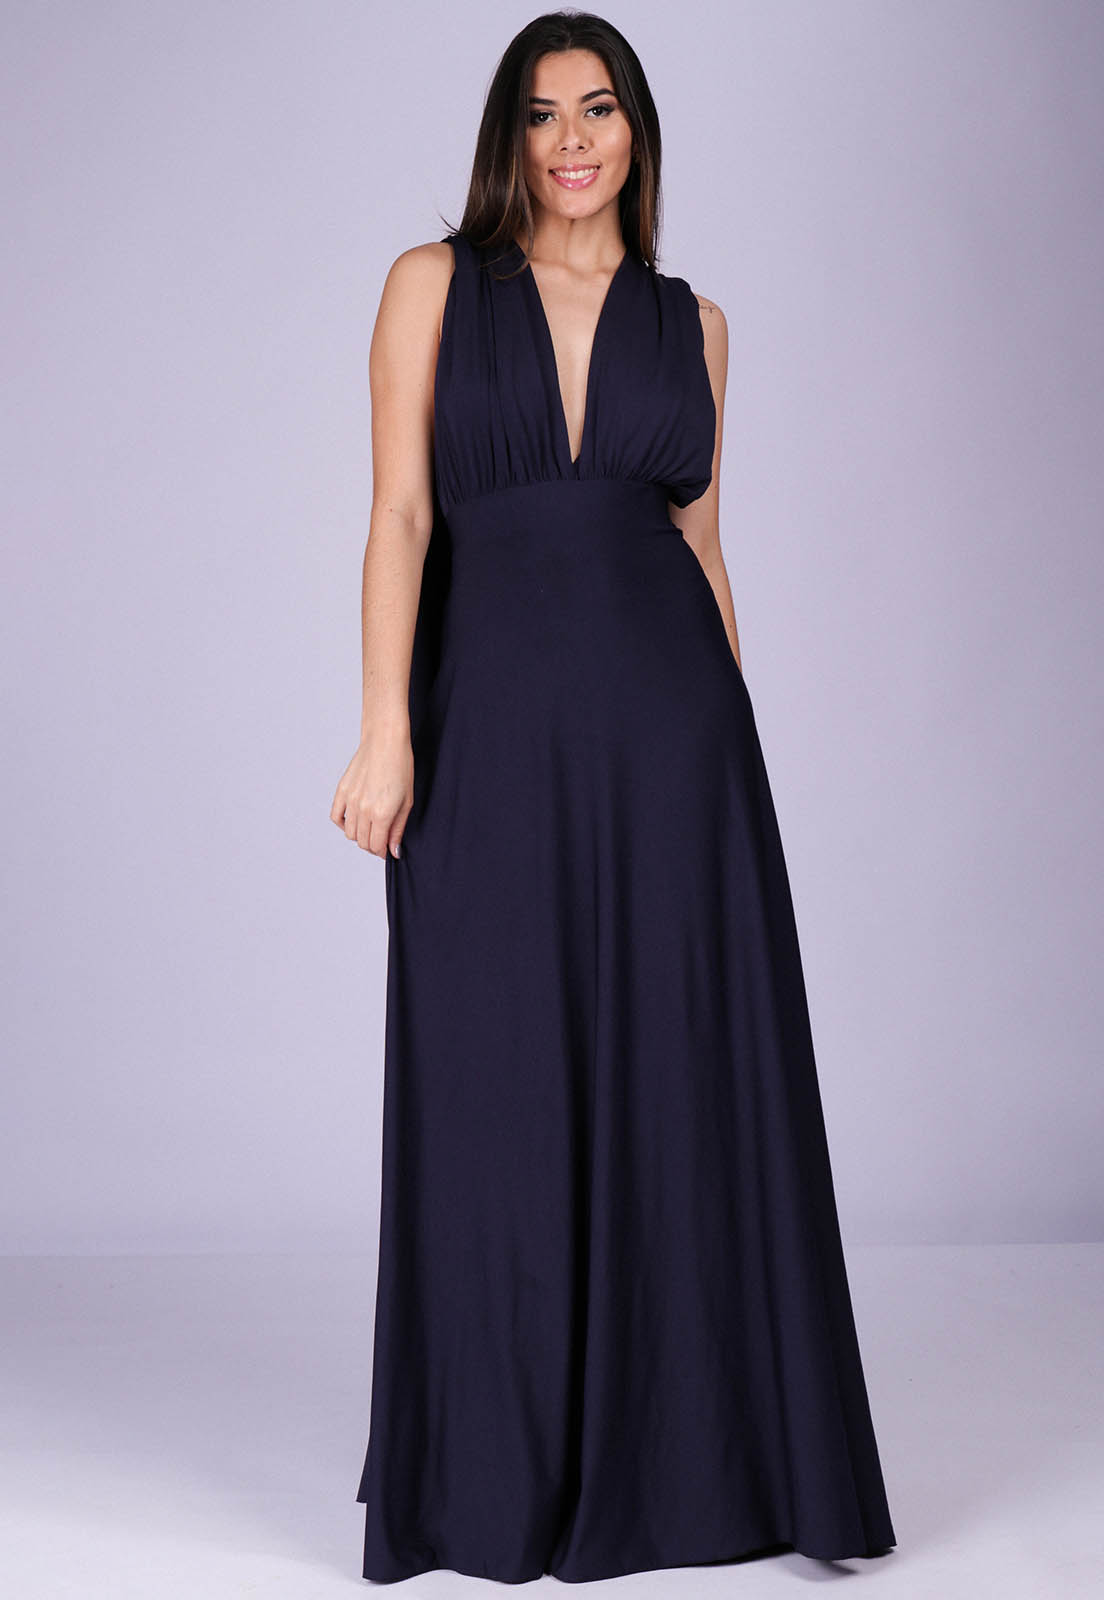 Vestido Longo de Festa Grécia Versatil Azul Marinho